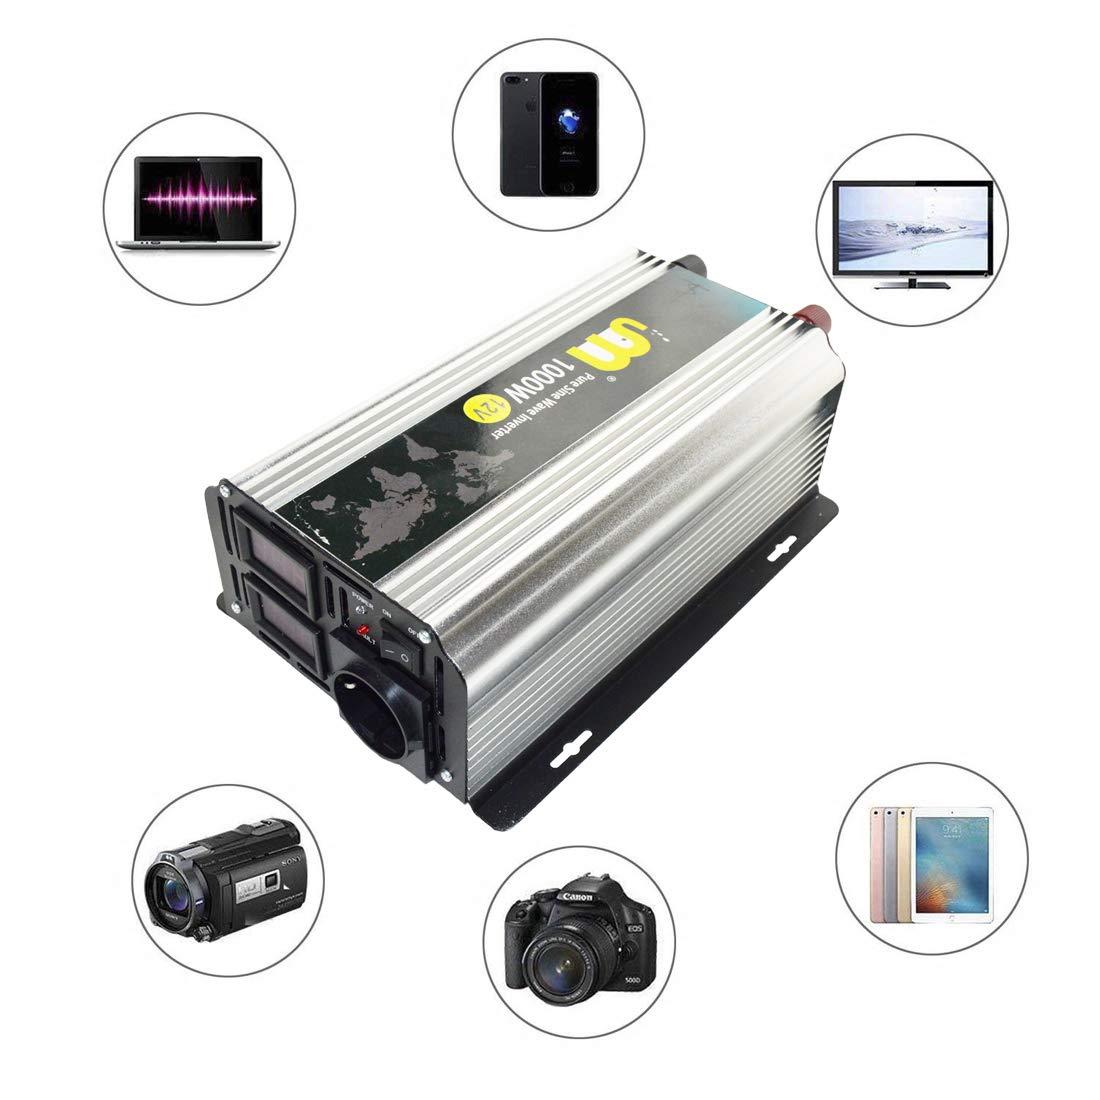 Silber, 1000W Reiner Sinus Wechselrichter 12V auf 230V Solar Spannungswandler Konverter mit USB Anschl/üsse F/ür Zuhause KFZ Draussen CIDEARY 1000W Reiner Sinus Wechselrichter